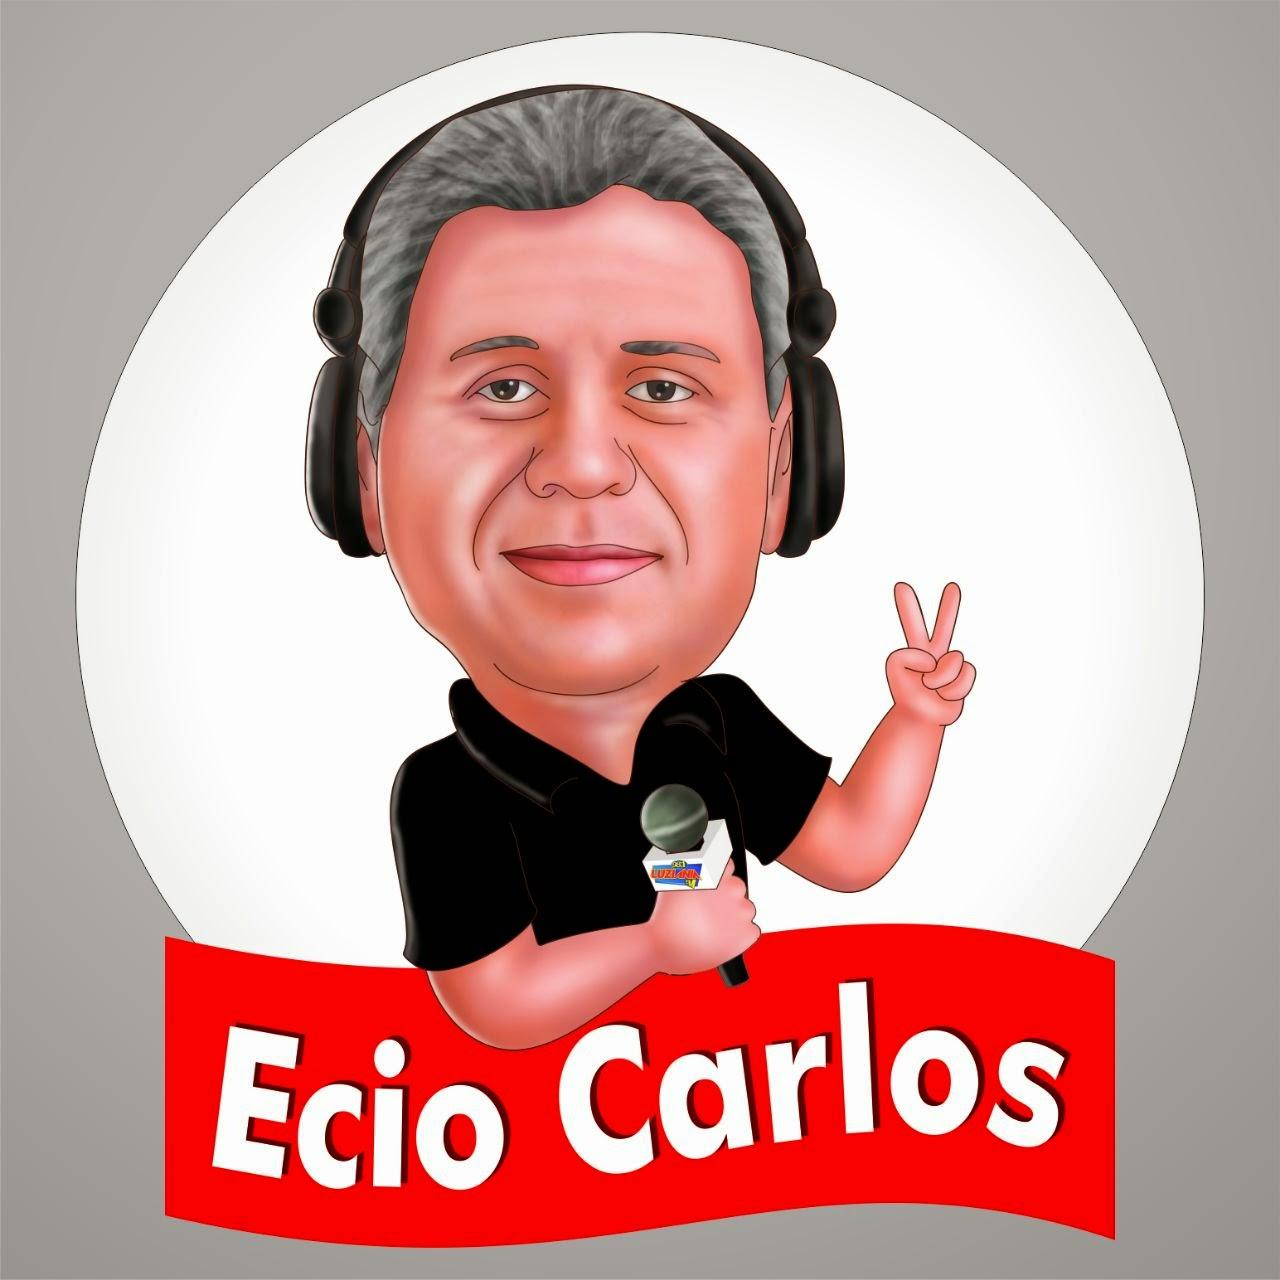 Ecio Carlos